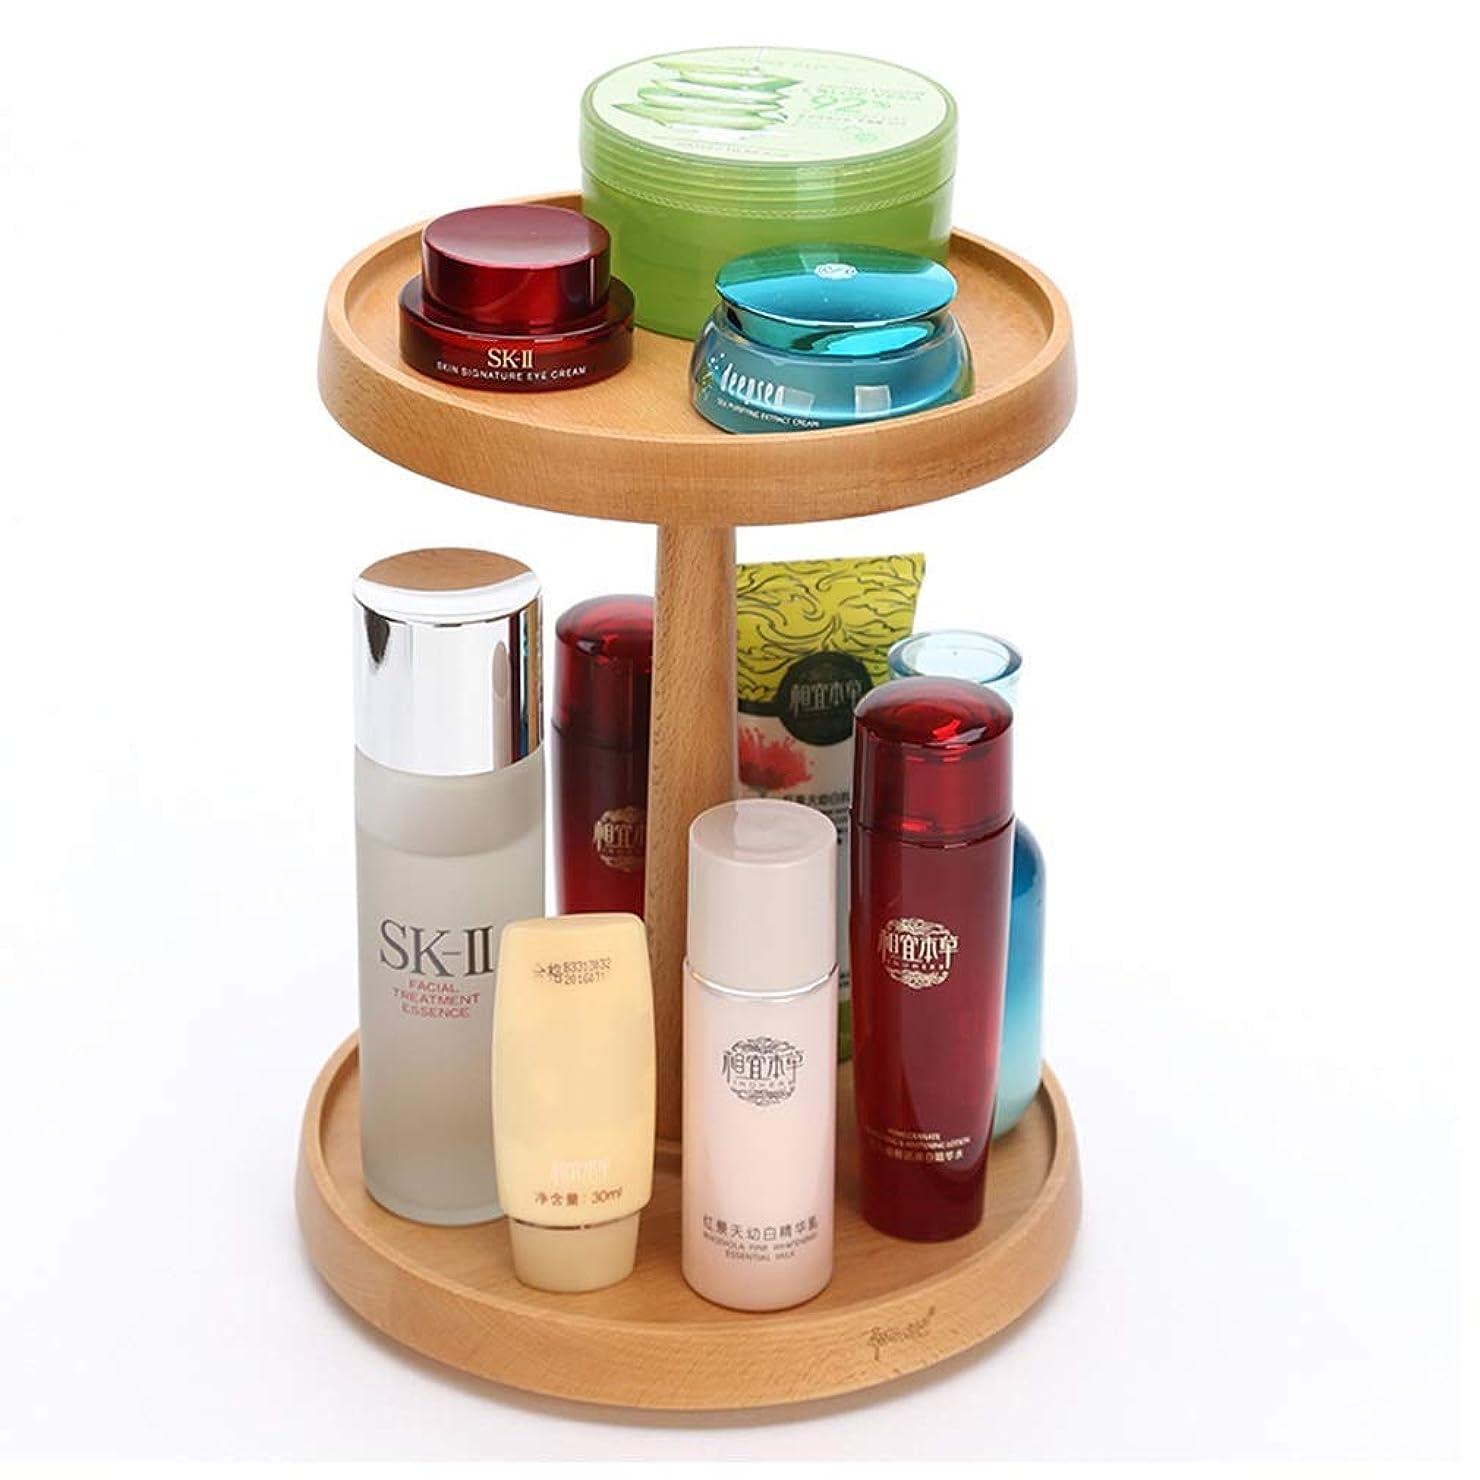 壁紙胃ホーン化粧オーガナイザー度回転取り外し可能な化粧ホルダー、大容量化粧品オーガナイザー収納ボックス寝室/浴室/部屋/あなたの人生に便利